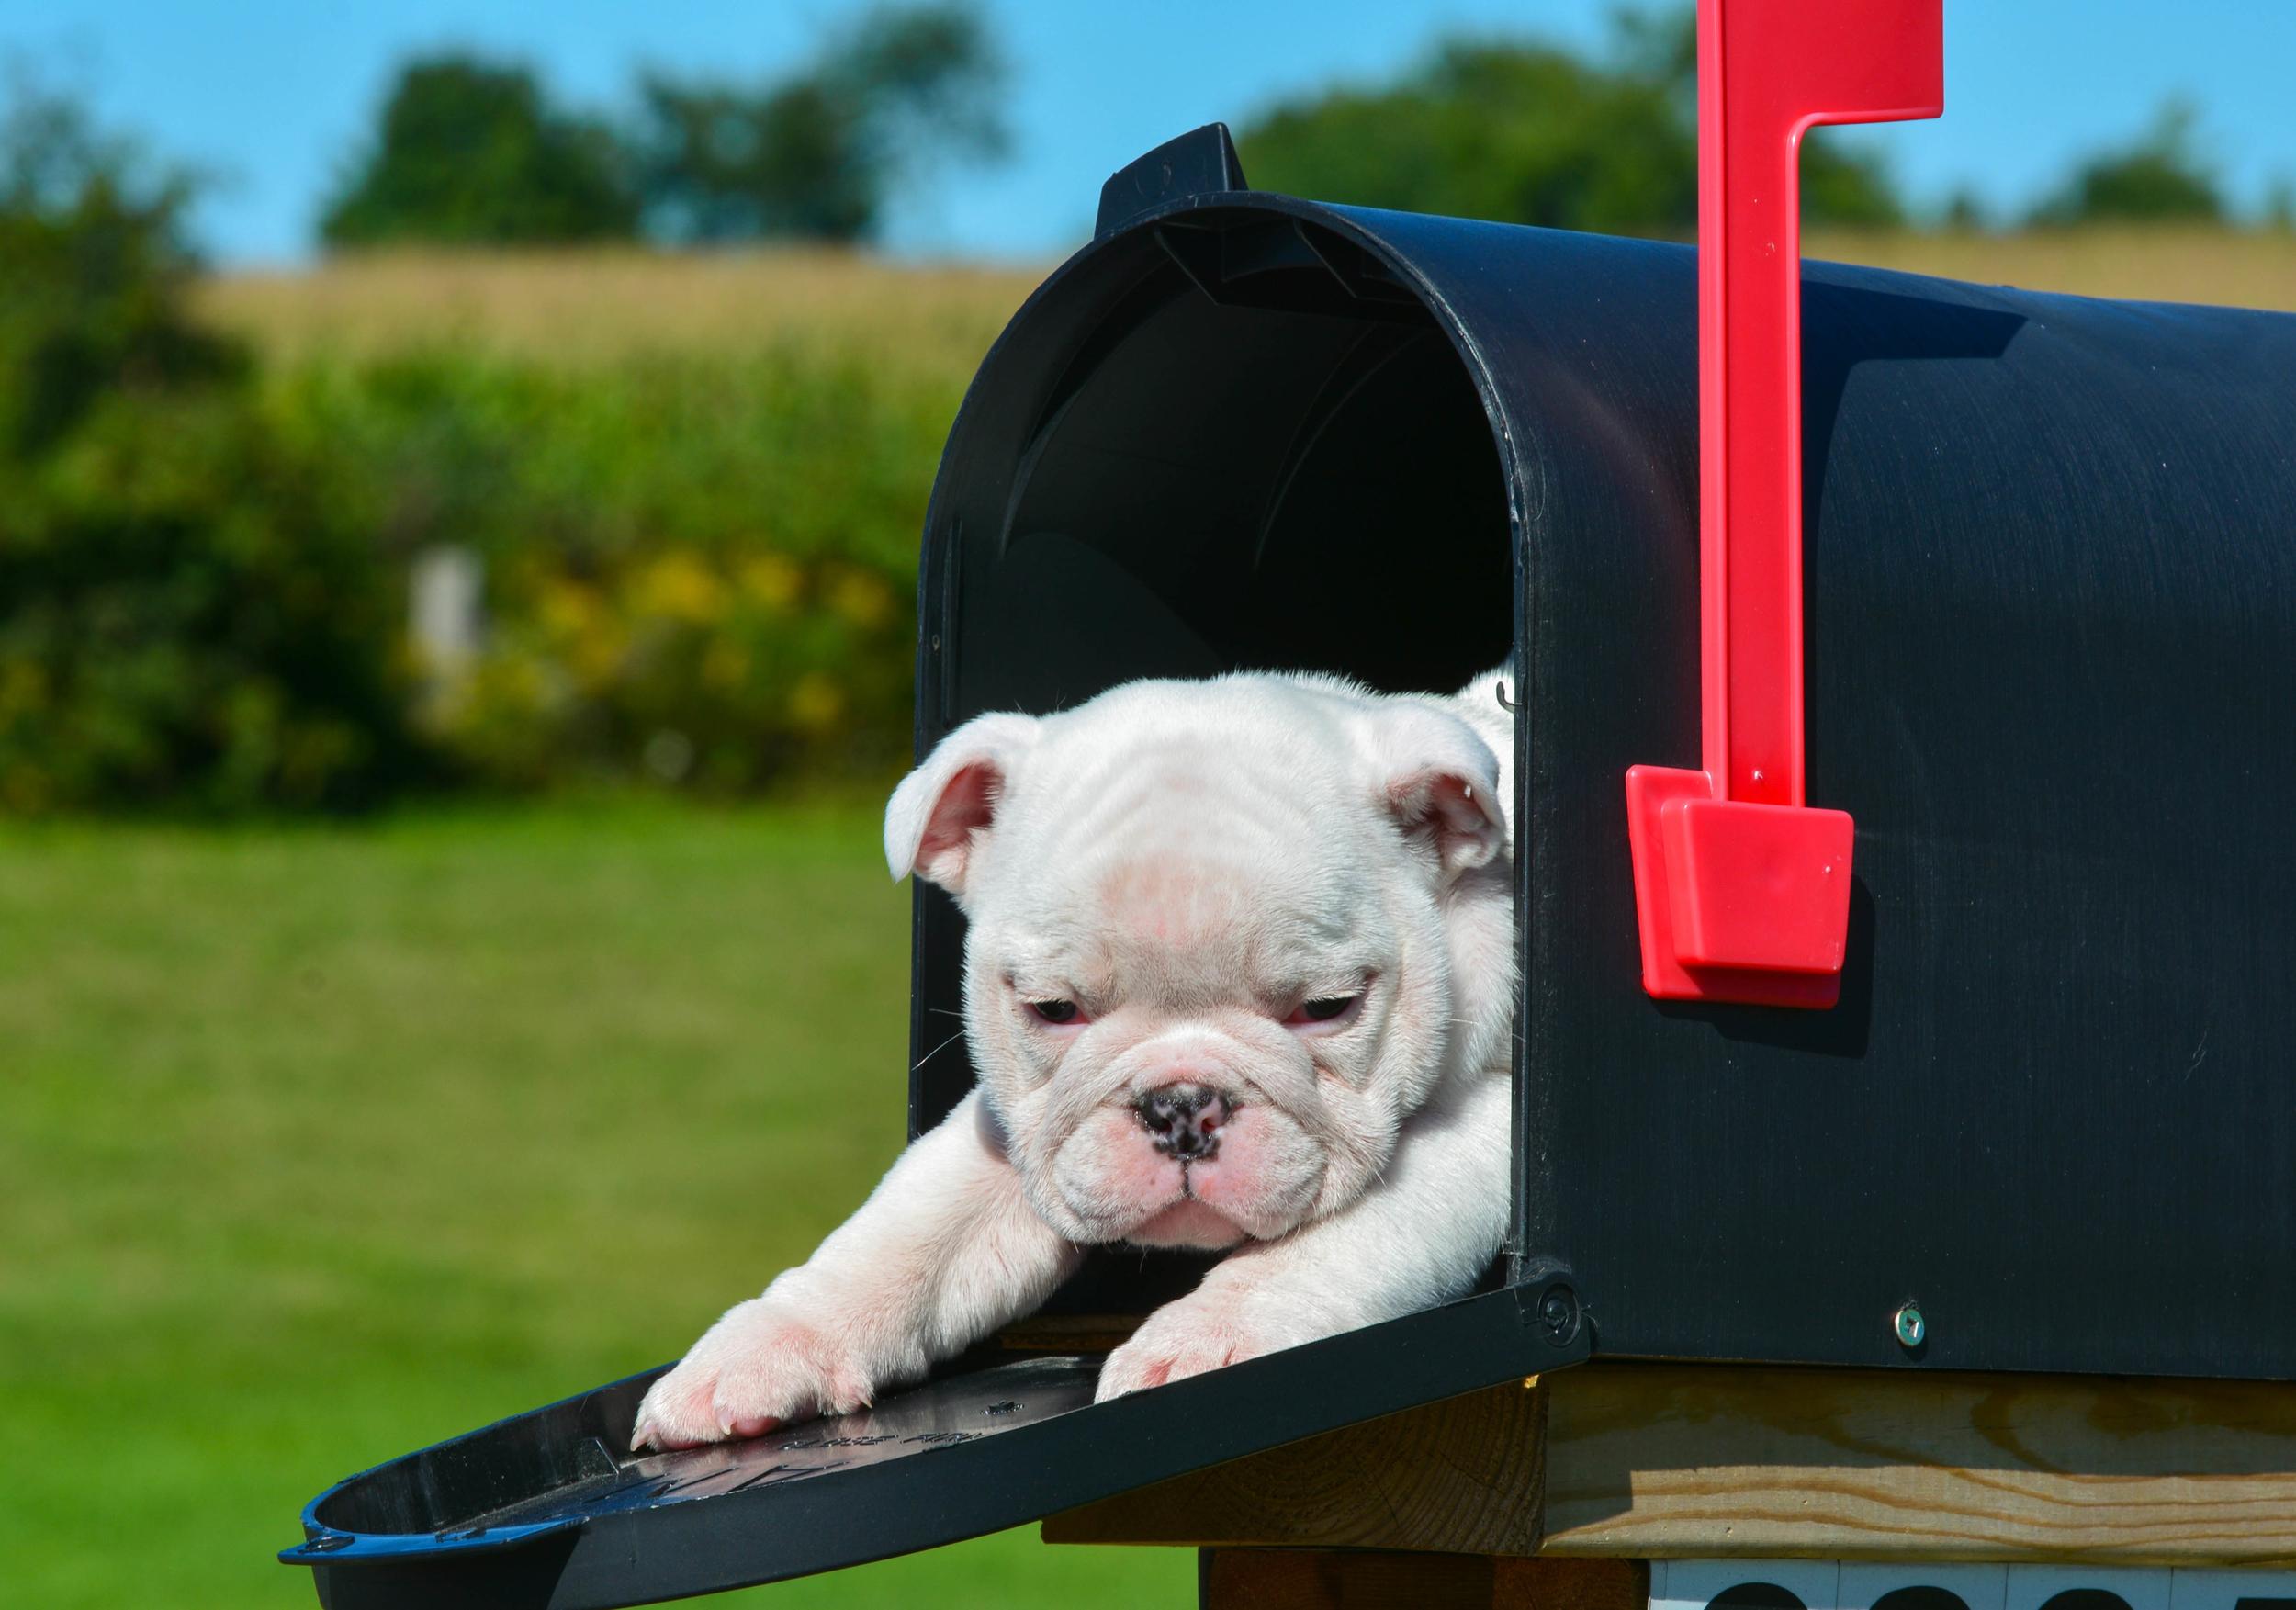 mailbox with puppy.jpg